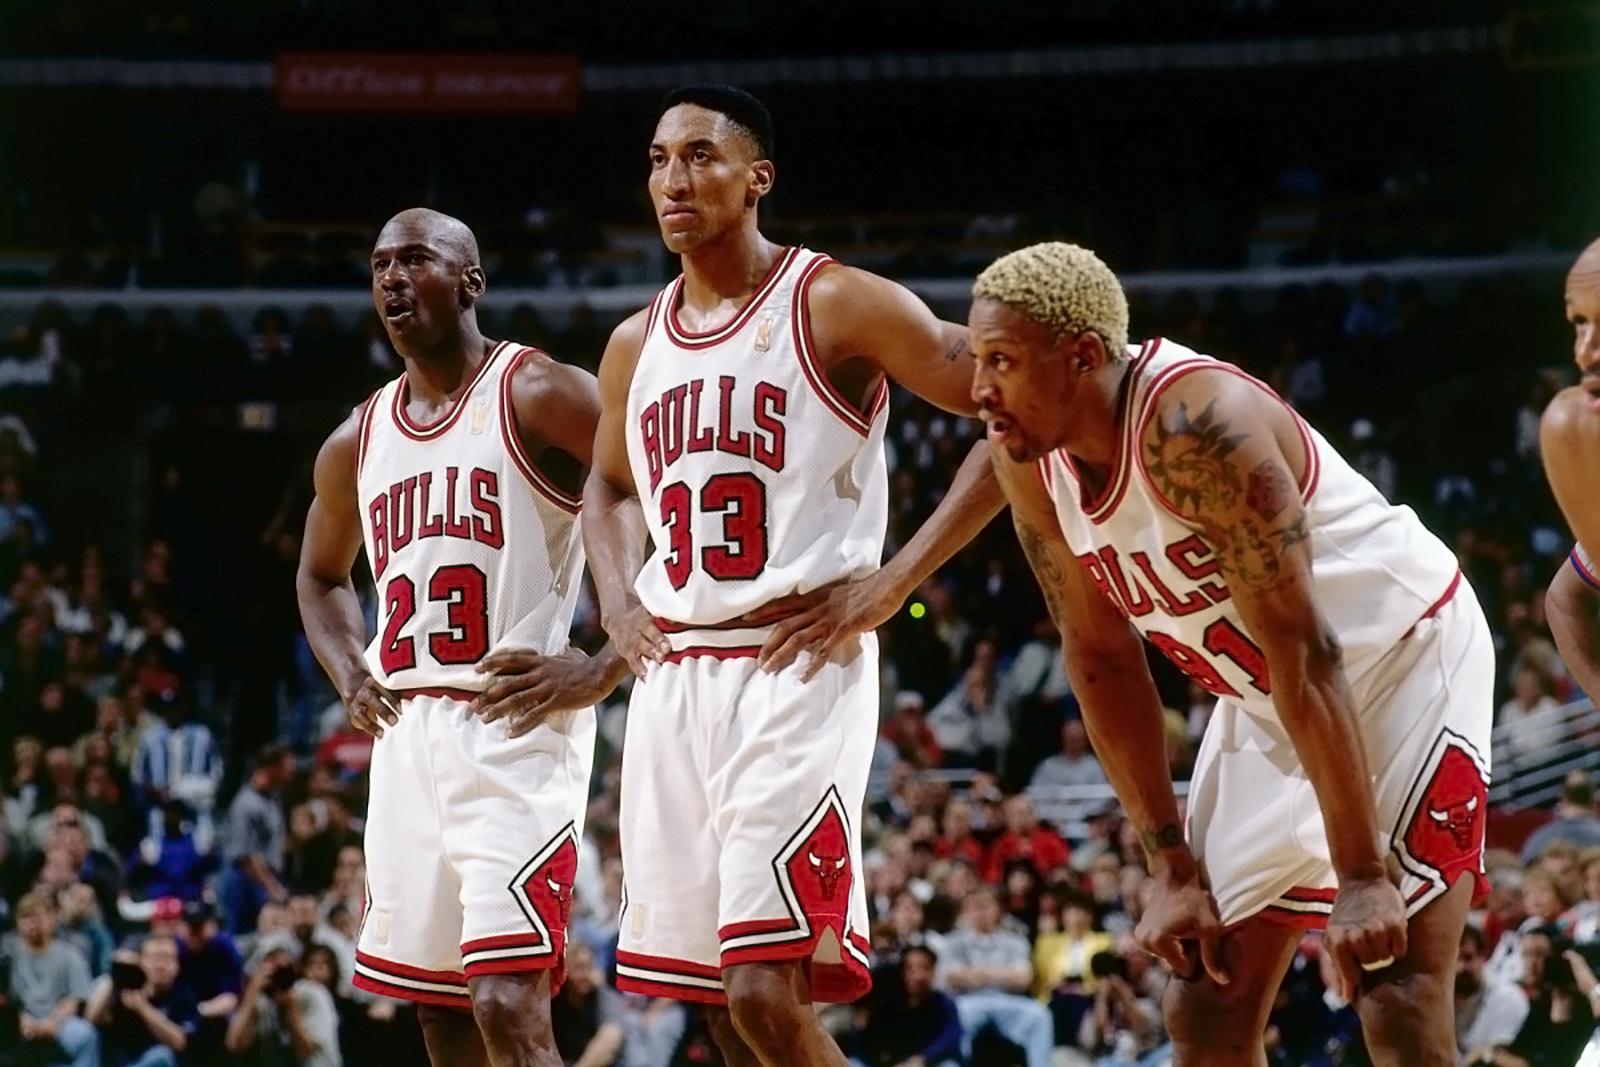 Майкл Джордан, Скотти Пиппен и Деннис Родман в сезоне 1996-97